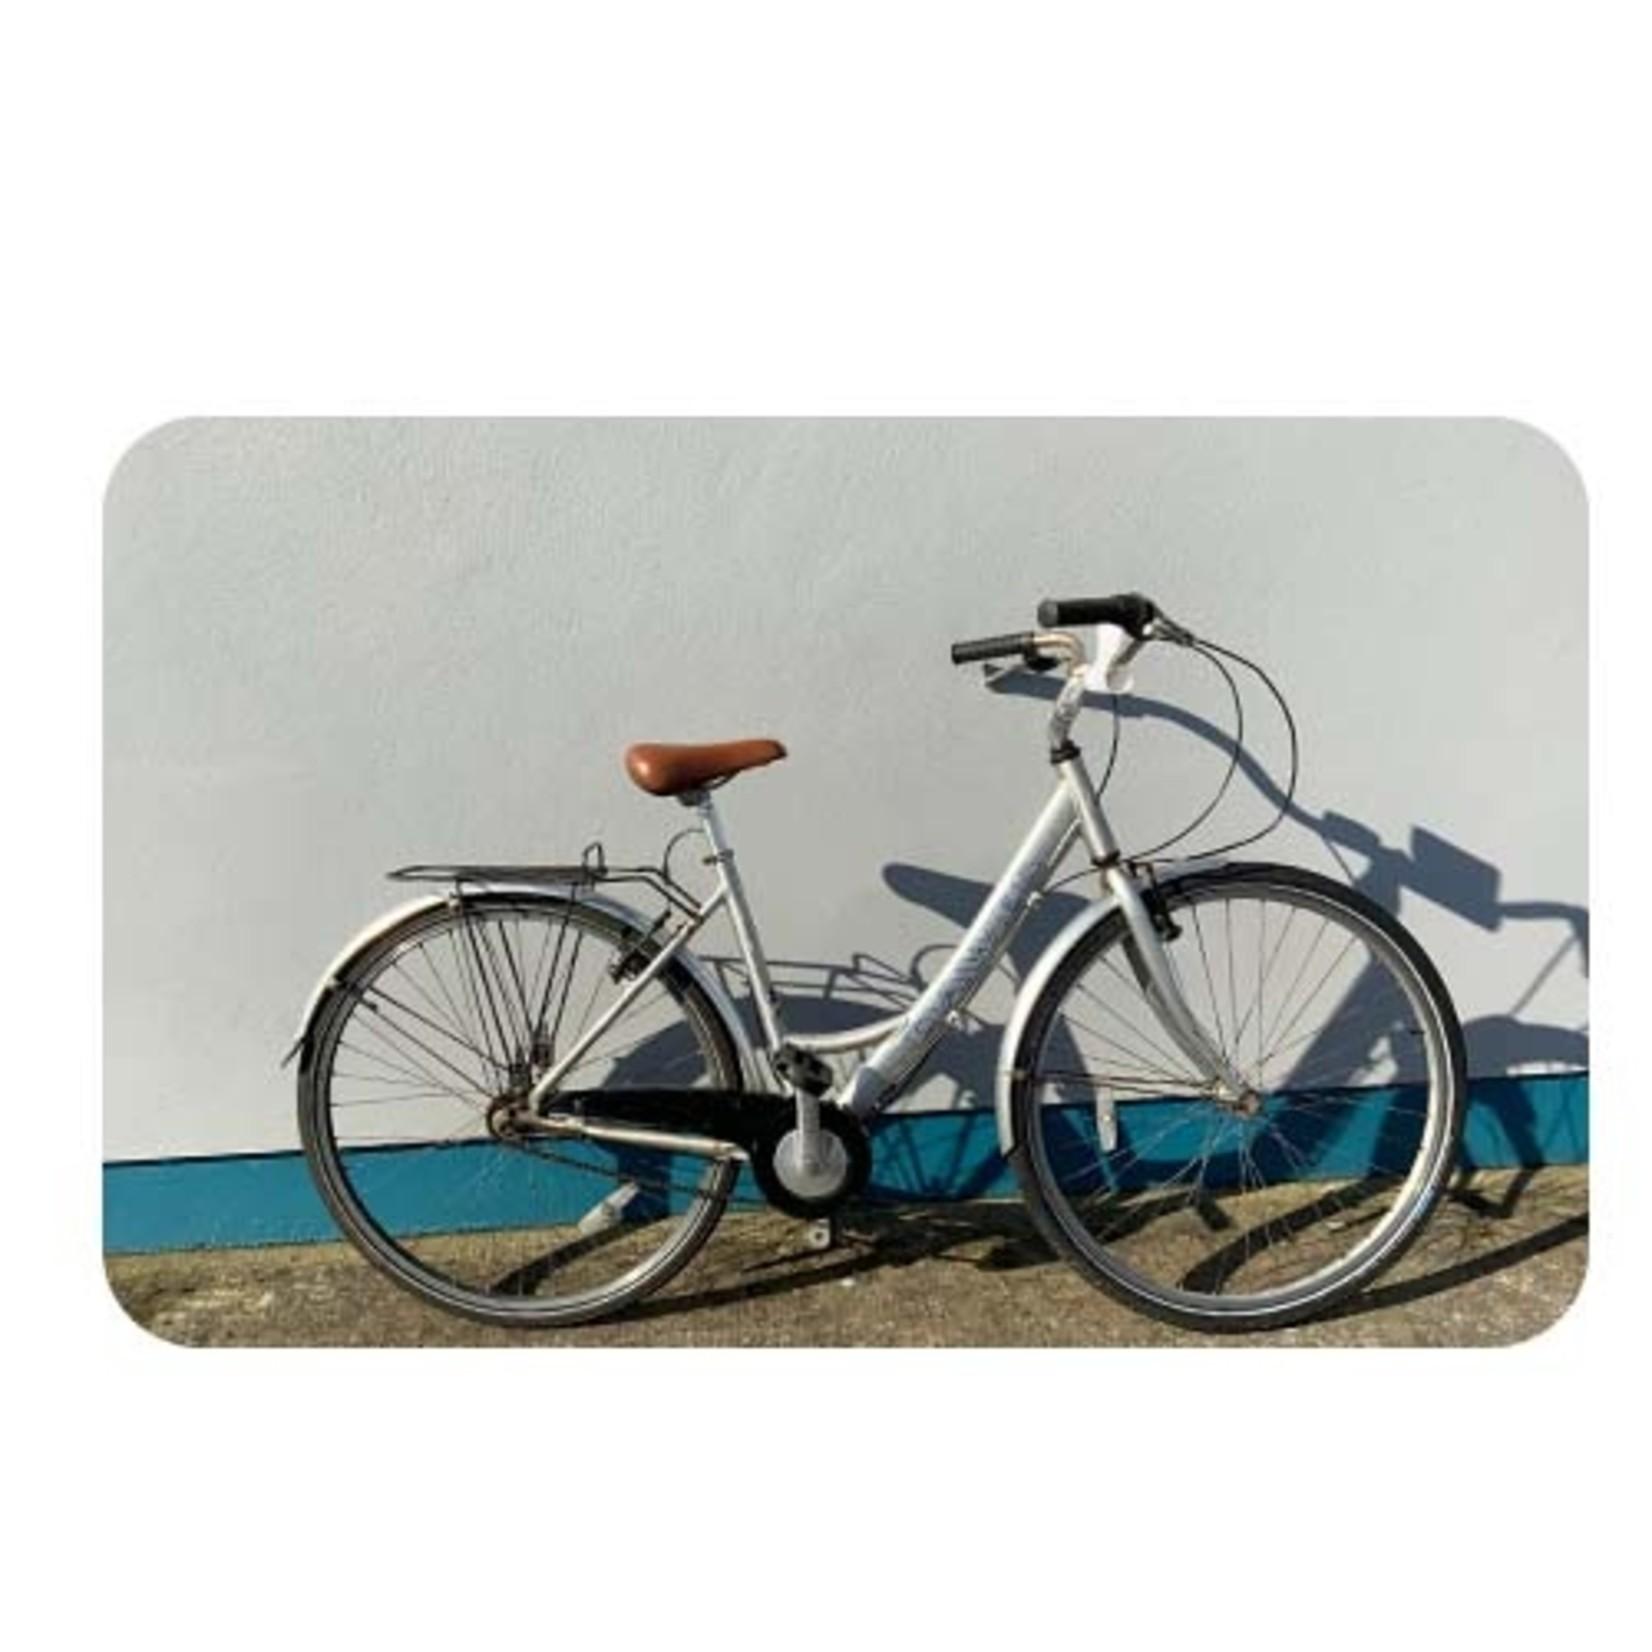 DAWES DAWES BICYCLE